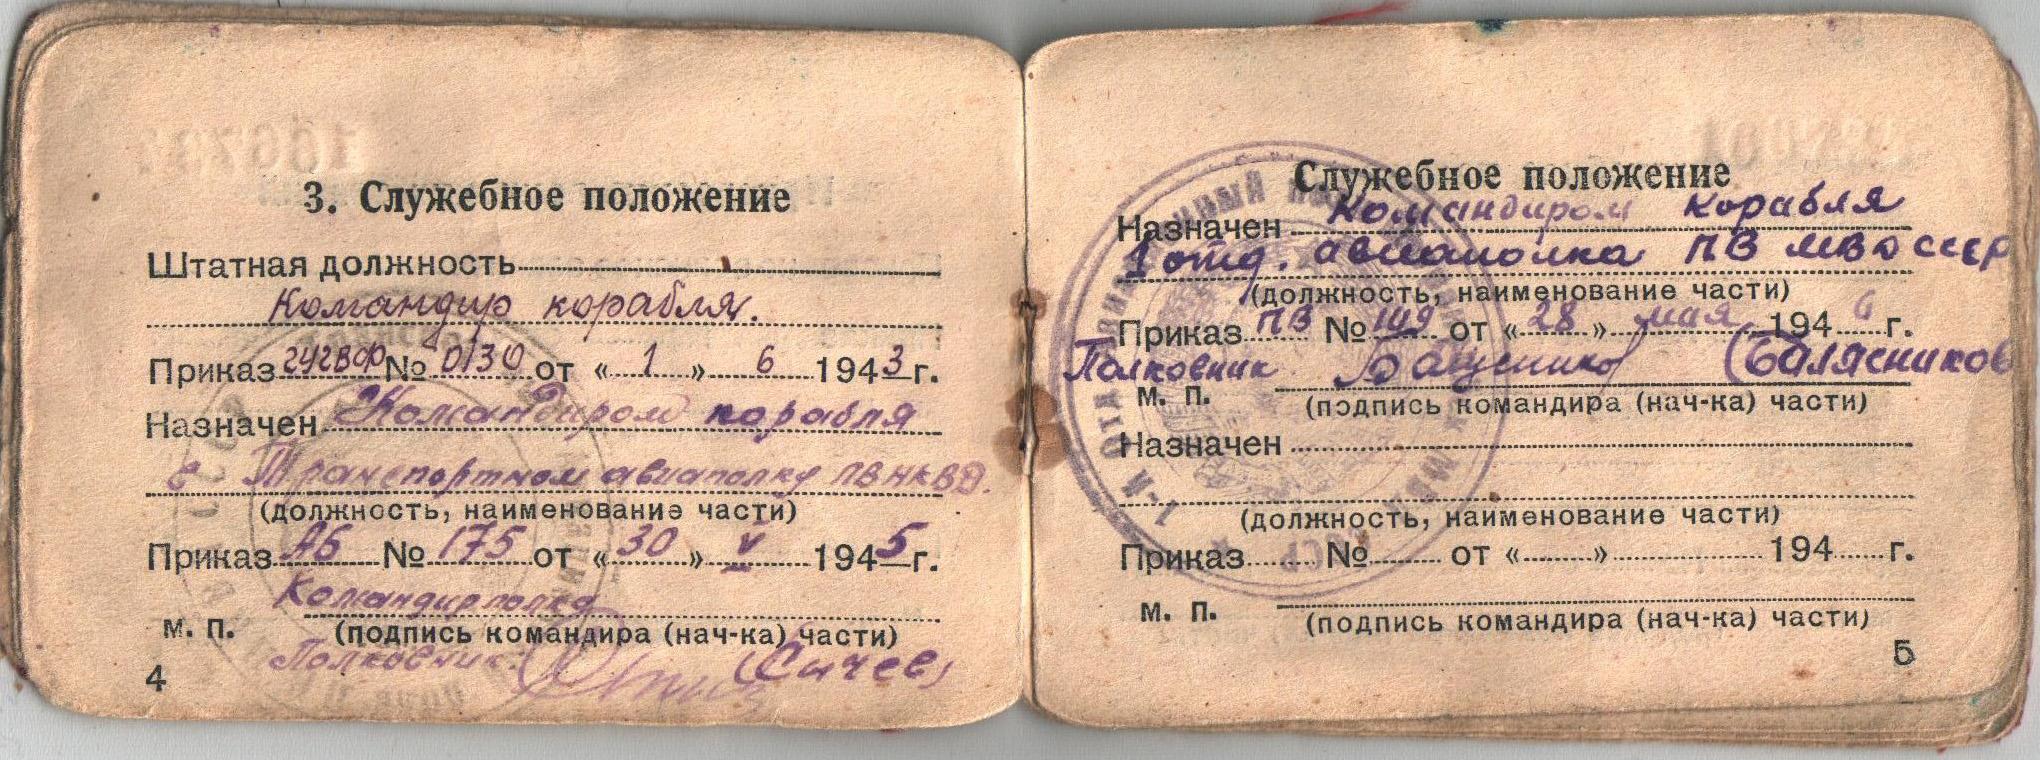 И у Сычева и у Балясникова.